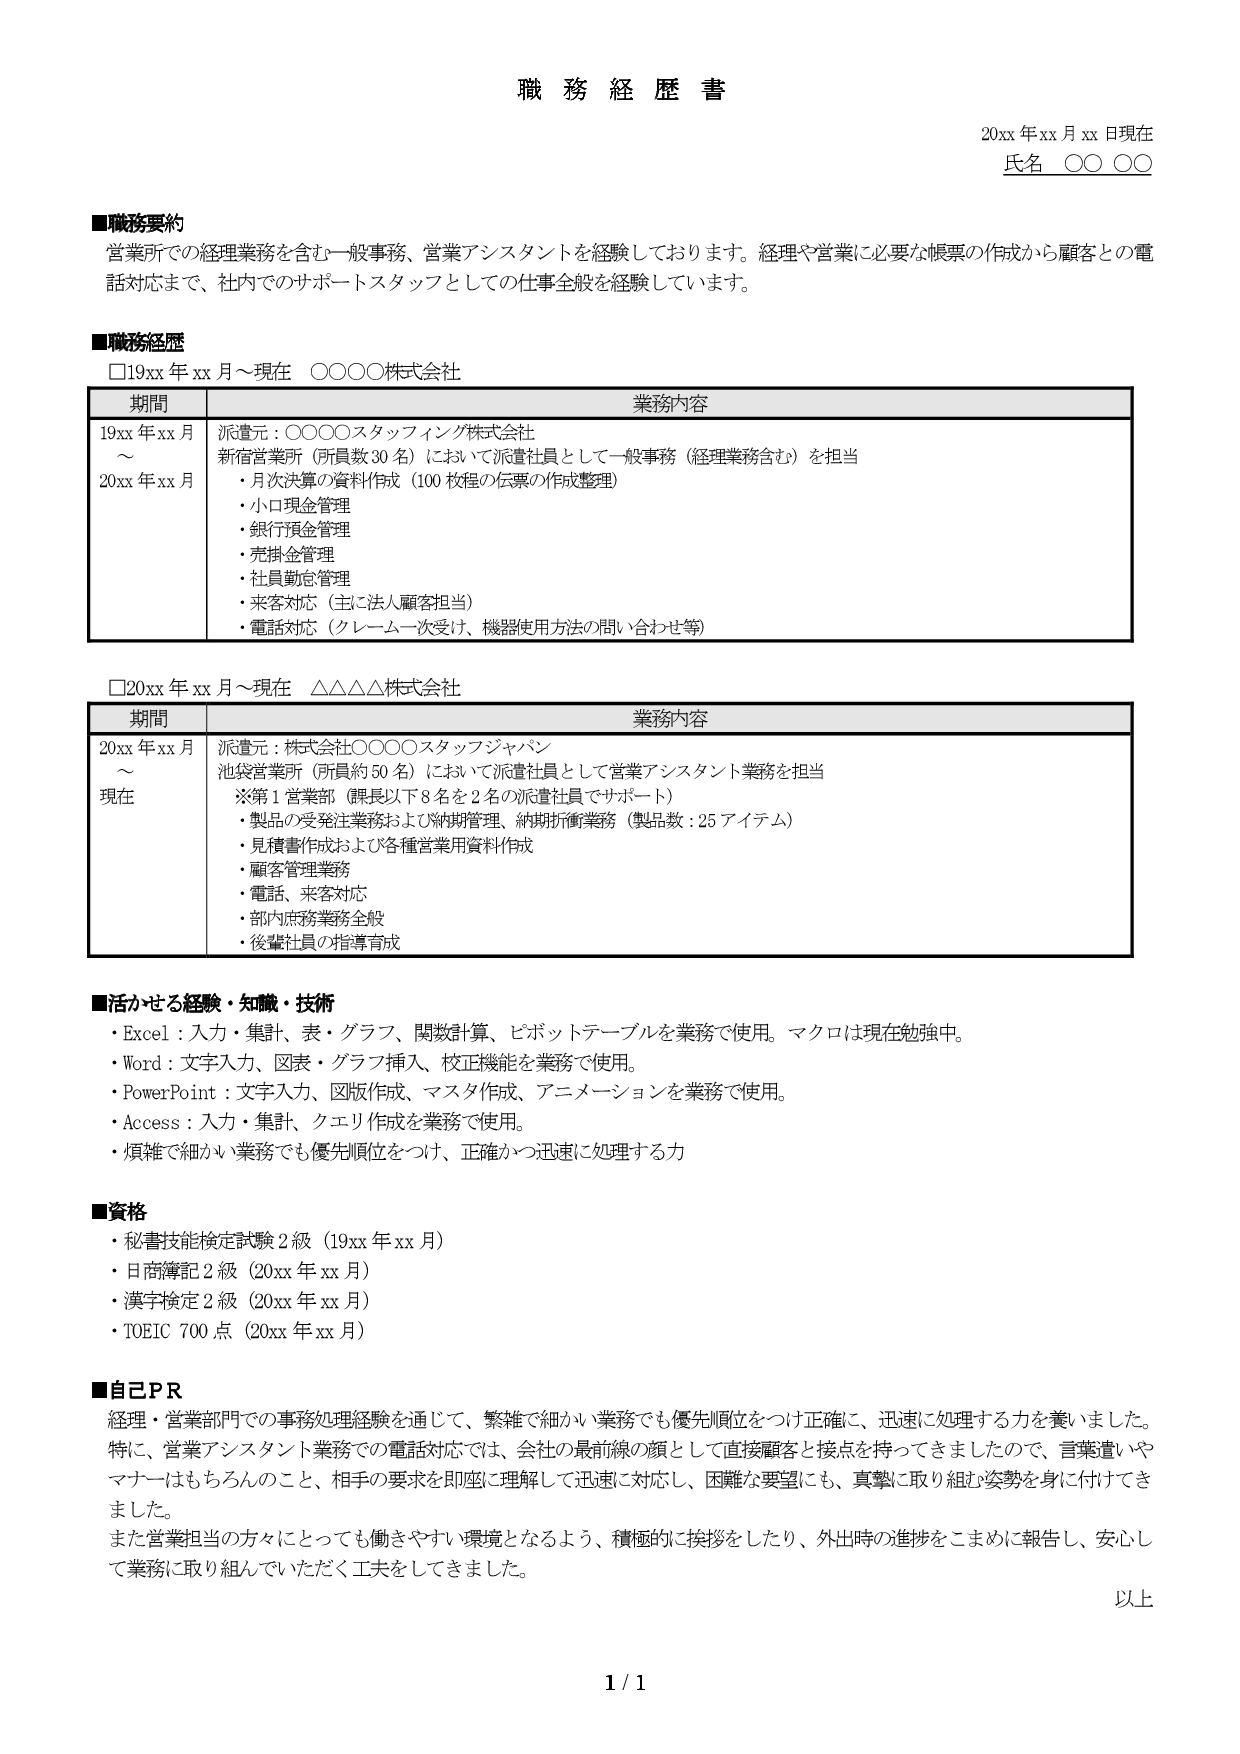 職務経歴書例 一般事務・アシスタント リクルートエージェント